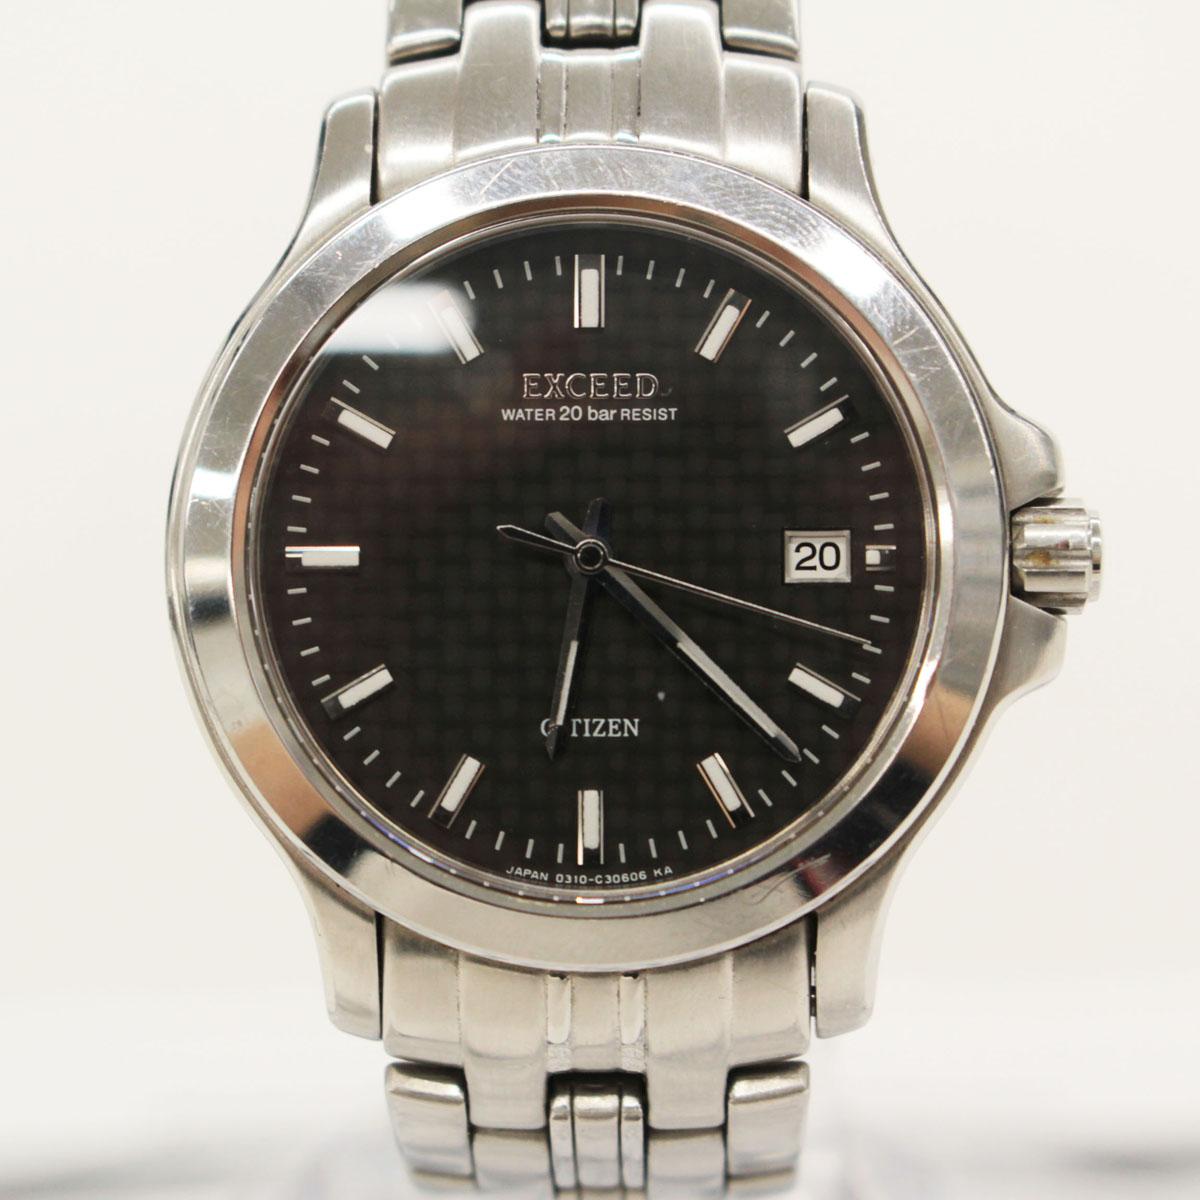 【中古】【電池交換済 稼働品】シチズン EXCEED 3針デイト クォーツ腕時計 シルバー×ブラック 0310-C30498 メンズ  20137-CH1218